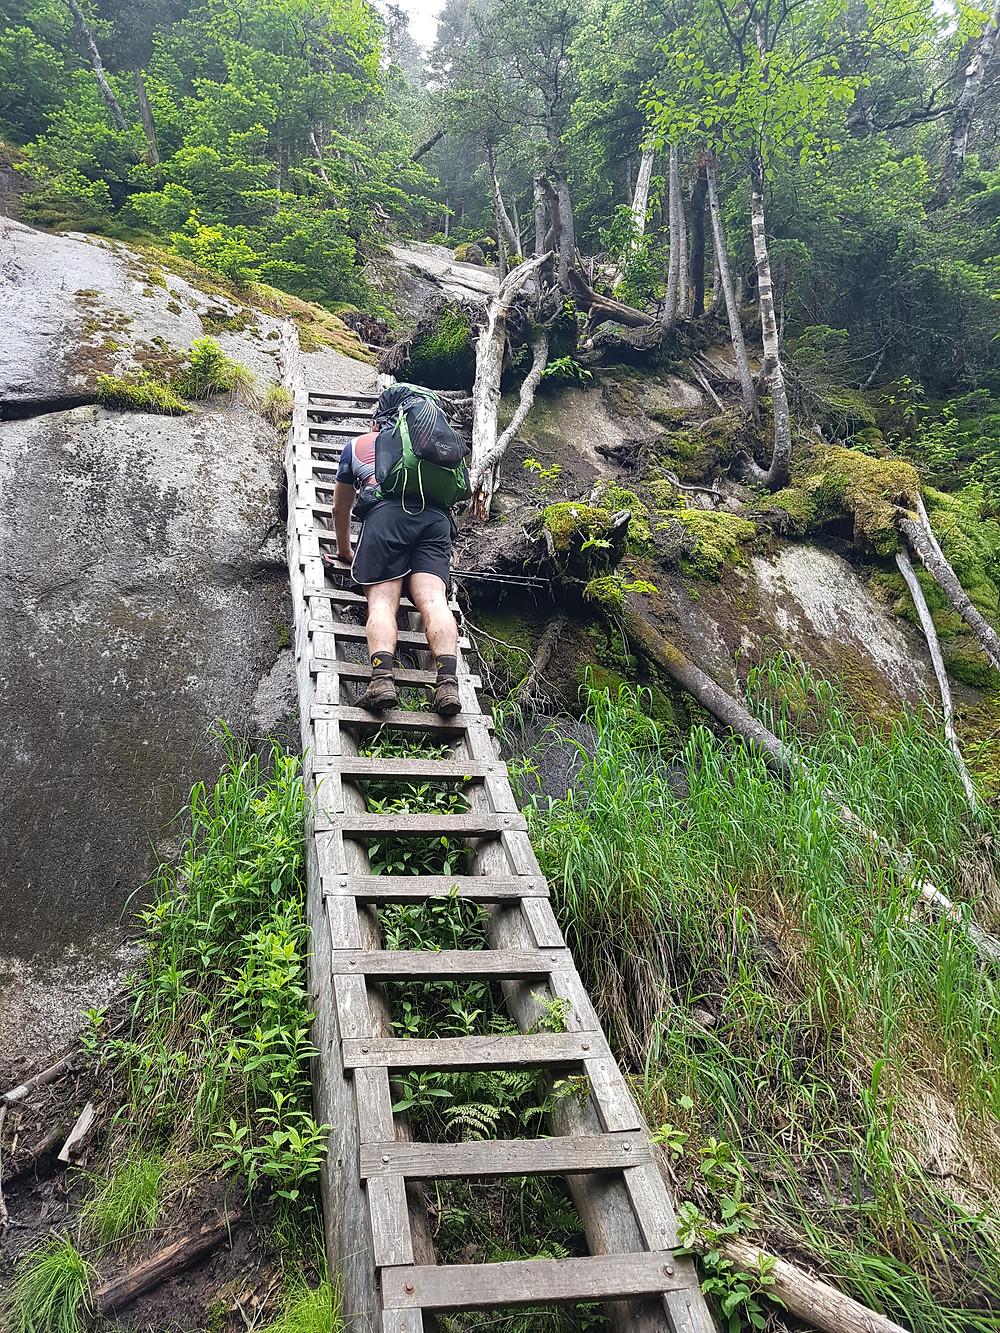 Climbing a wooden ladder up a cliff